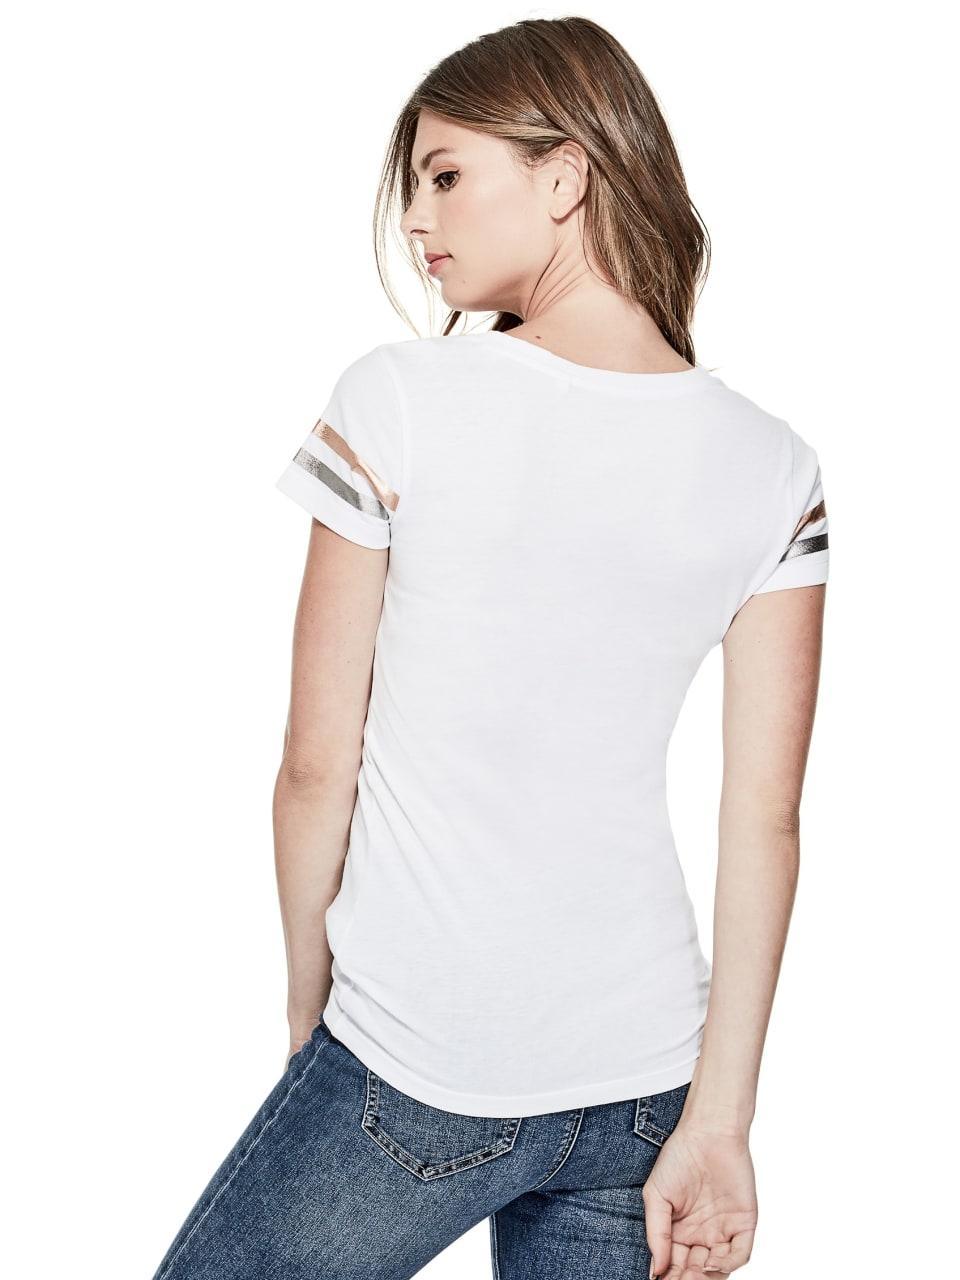 GUESS-Factory-Women-039-s-Orlando-City-Logo-V-Neck-Short-Sleeve-Varsity-Tee thumbnail 11